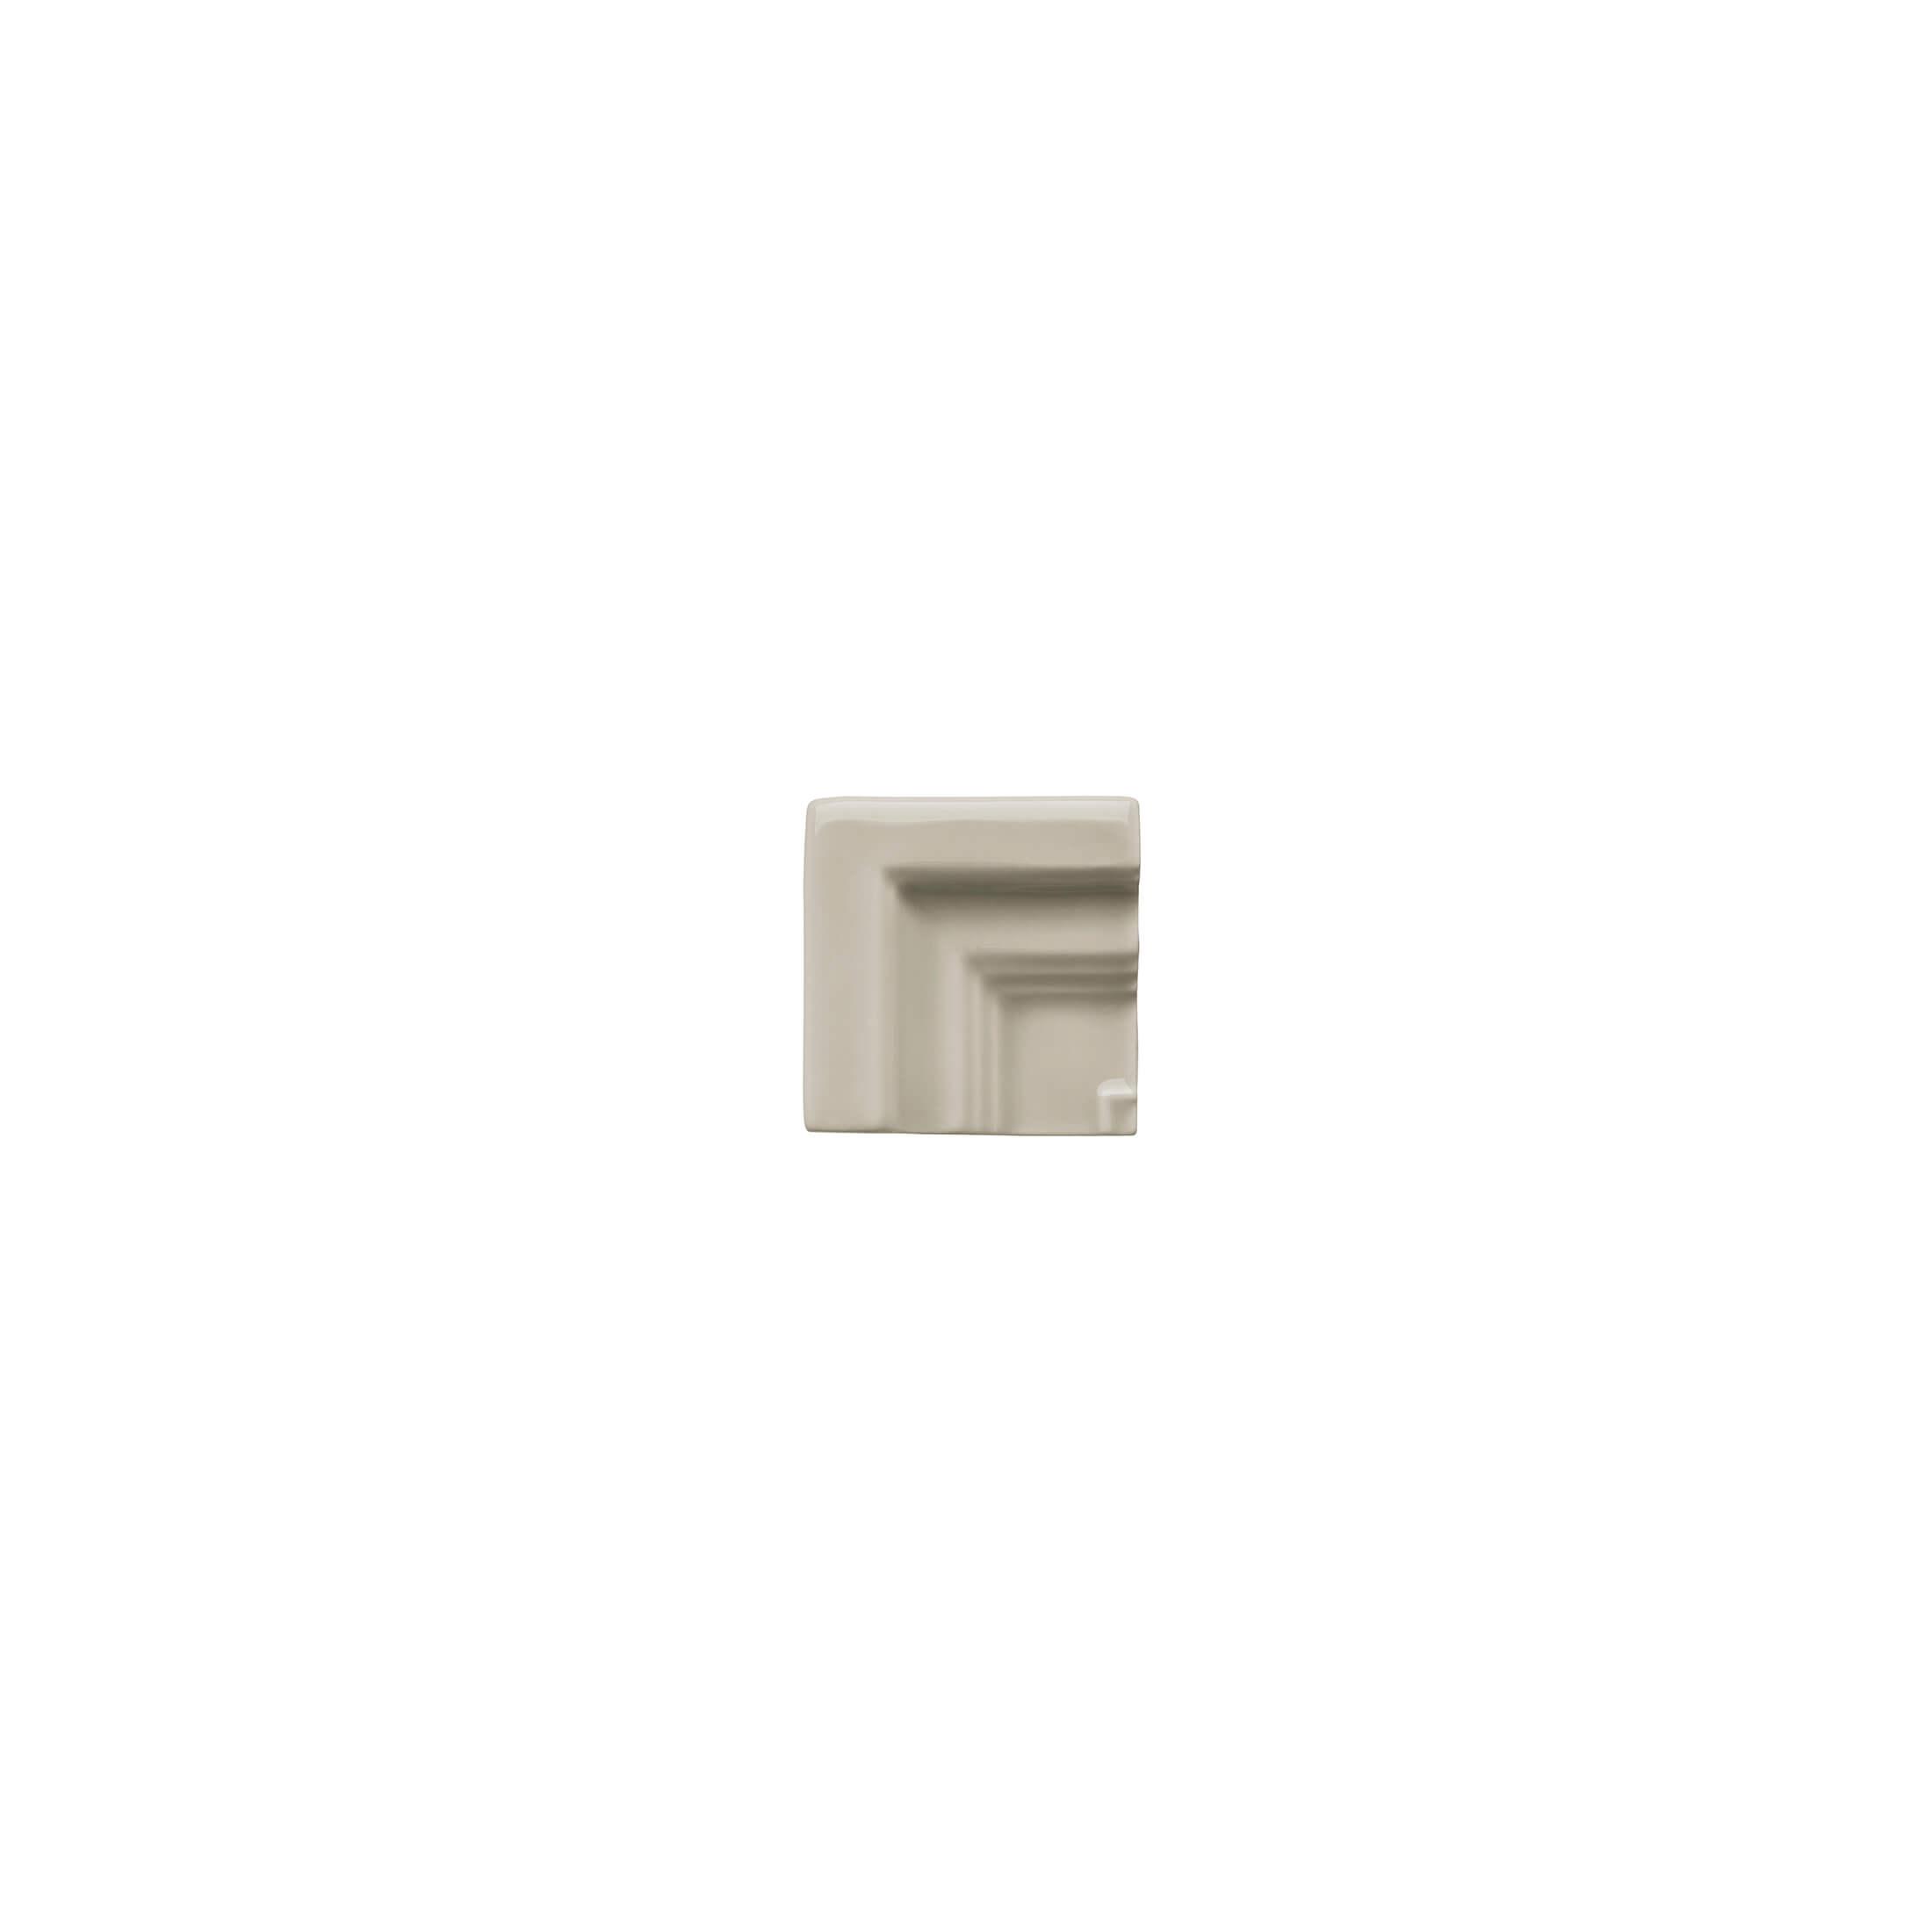 ADNE5477 - ANGULO MARCO CORNISACLASICA - 5 cm X 20 cm